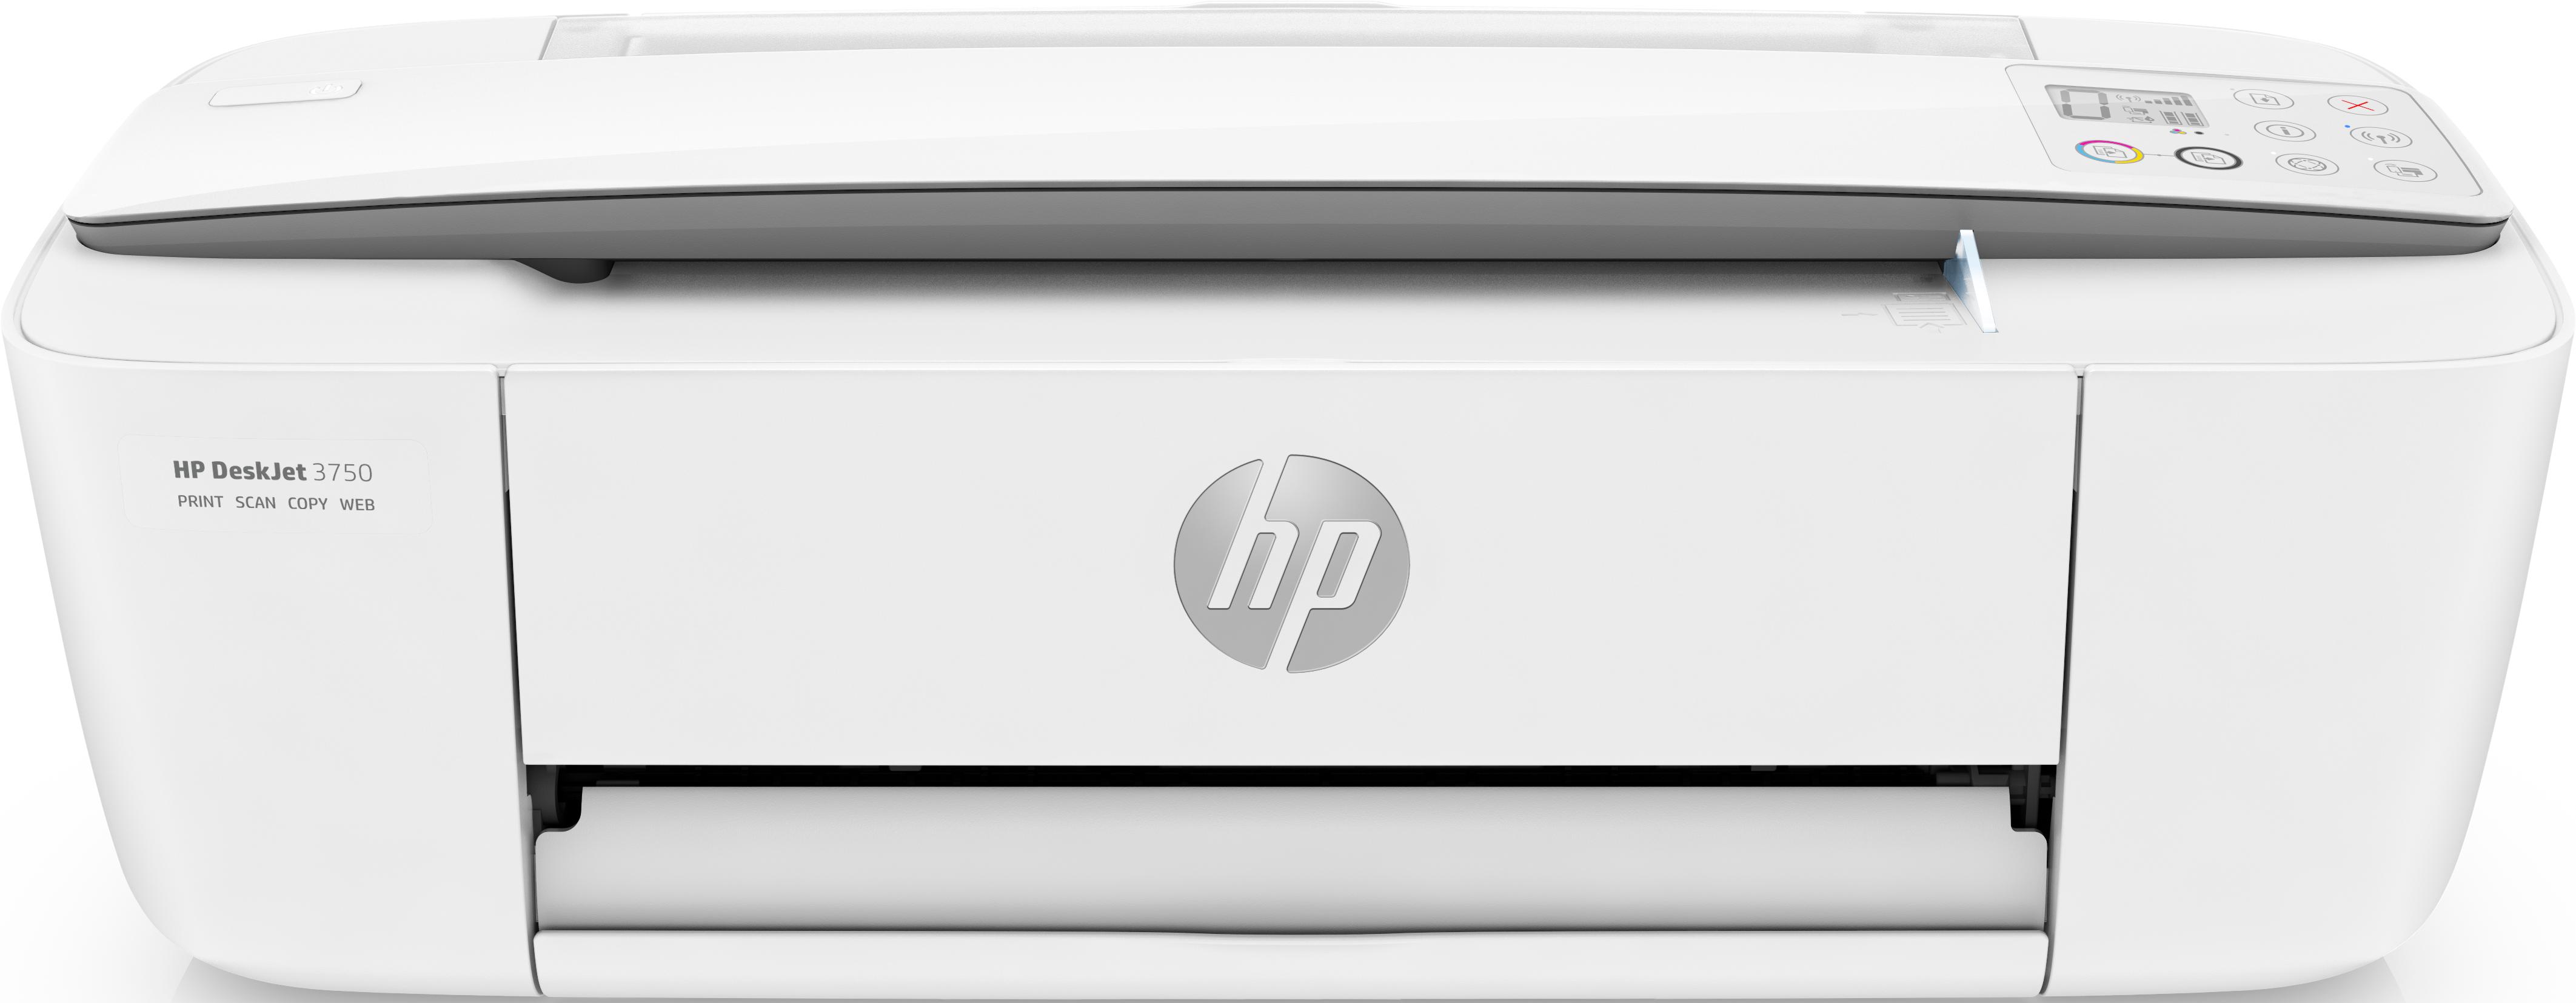 HP Multifunzione DeskJet 3750 Grigia